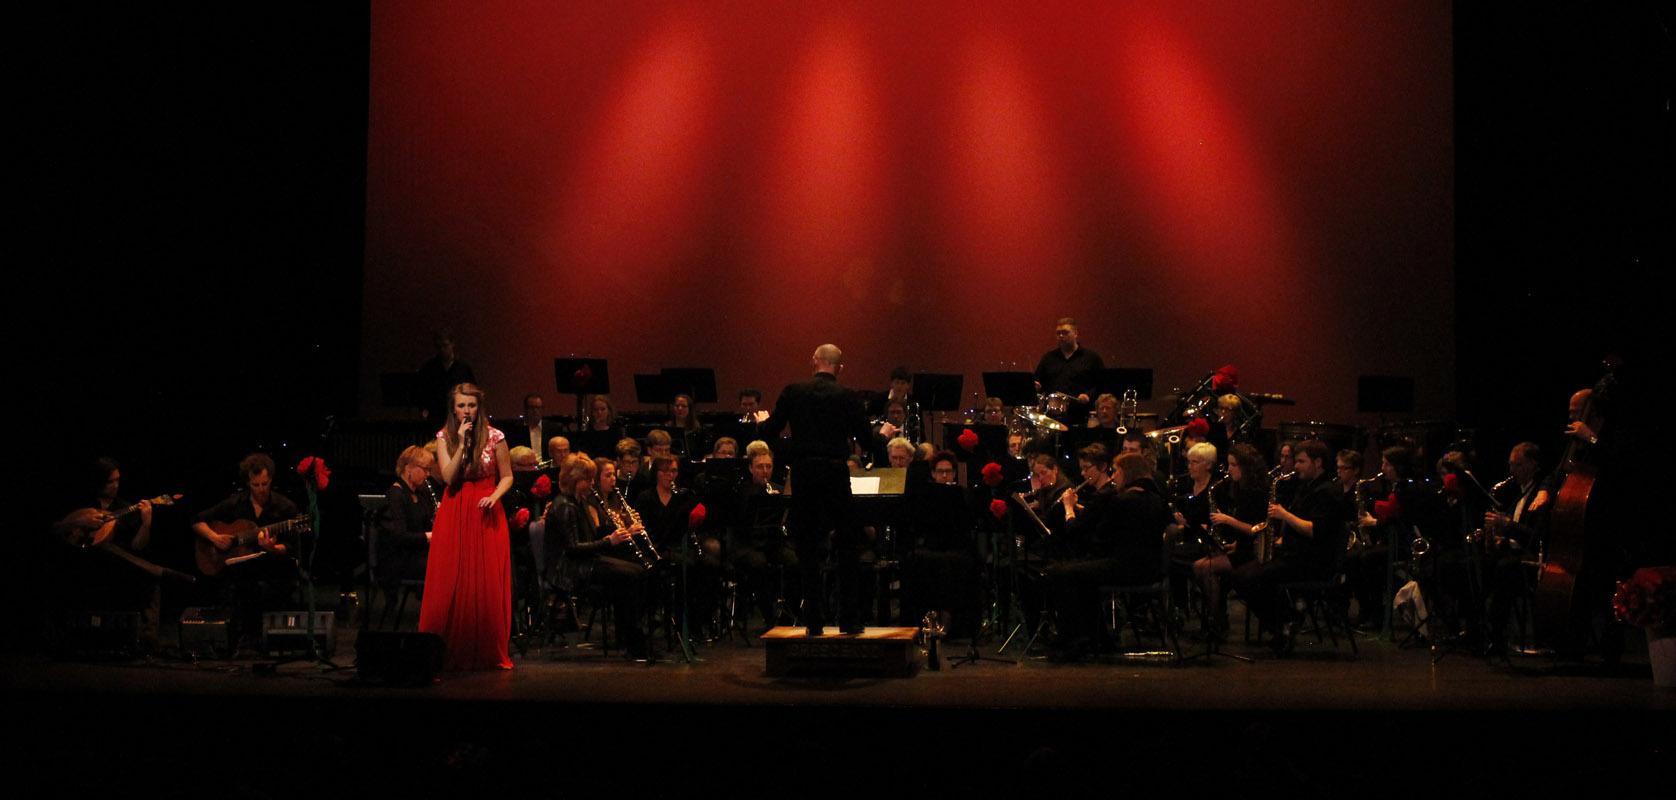 2015-03-21 Lenteconcert van Harmonie Crescendo